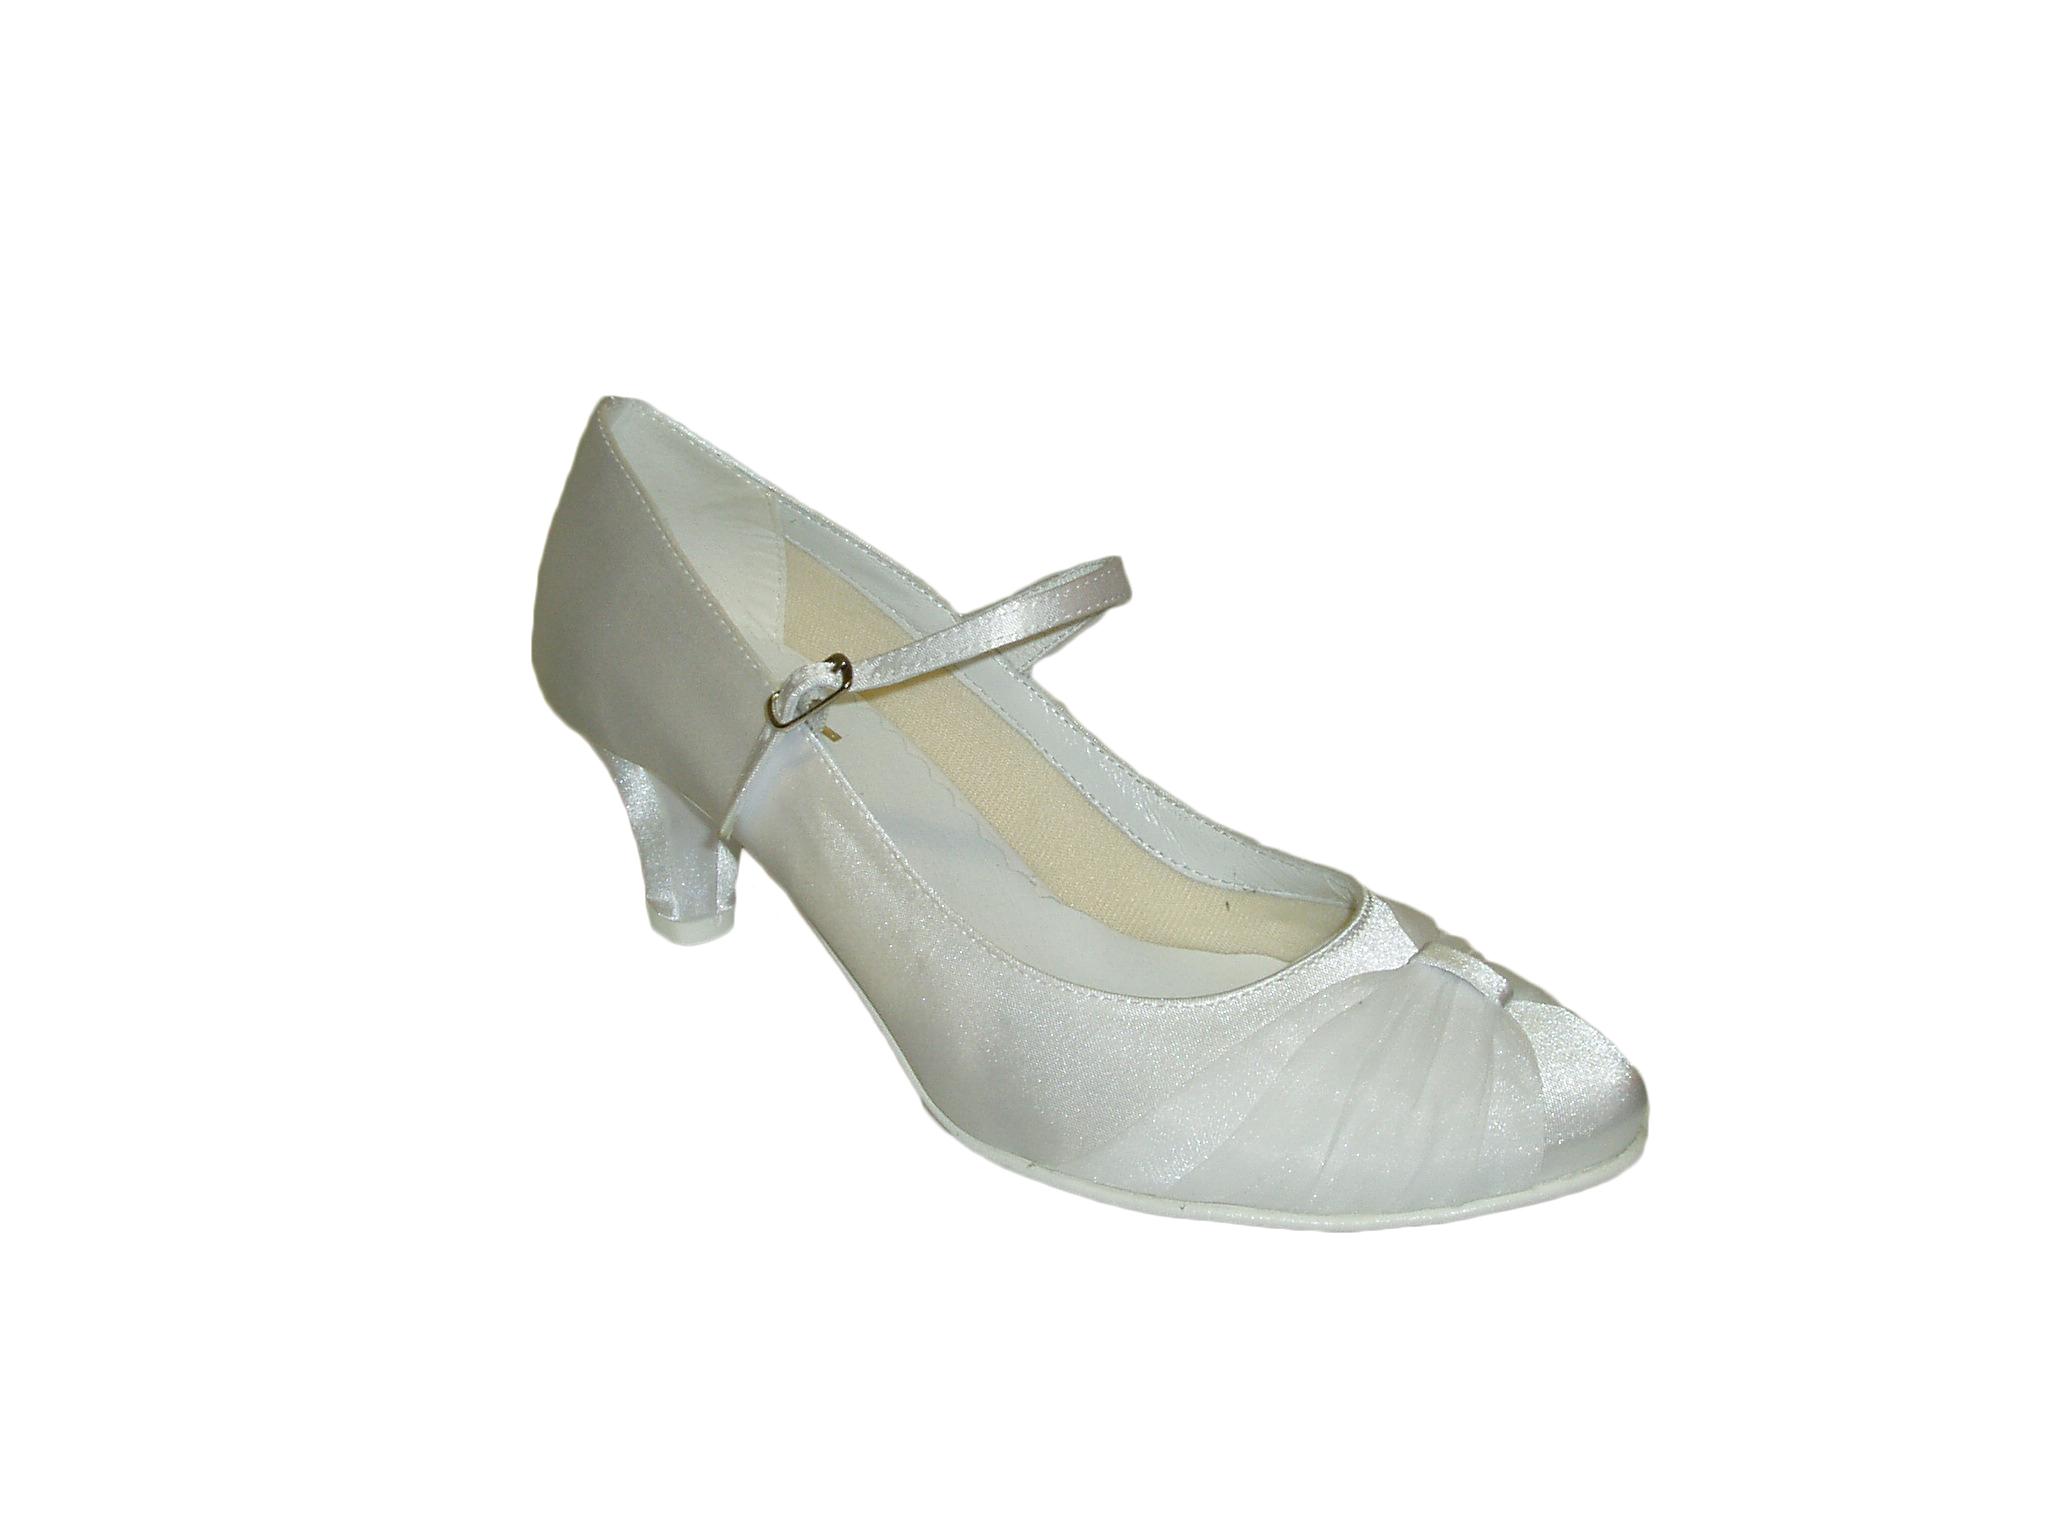 06a3e764b8d Svatební boty GRAF-1345 satin white OZDOBA-podměrná